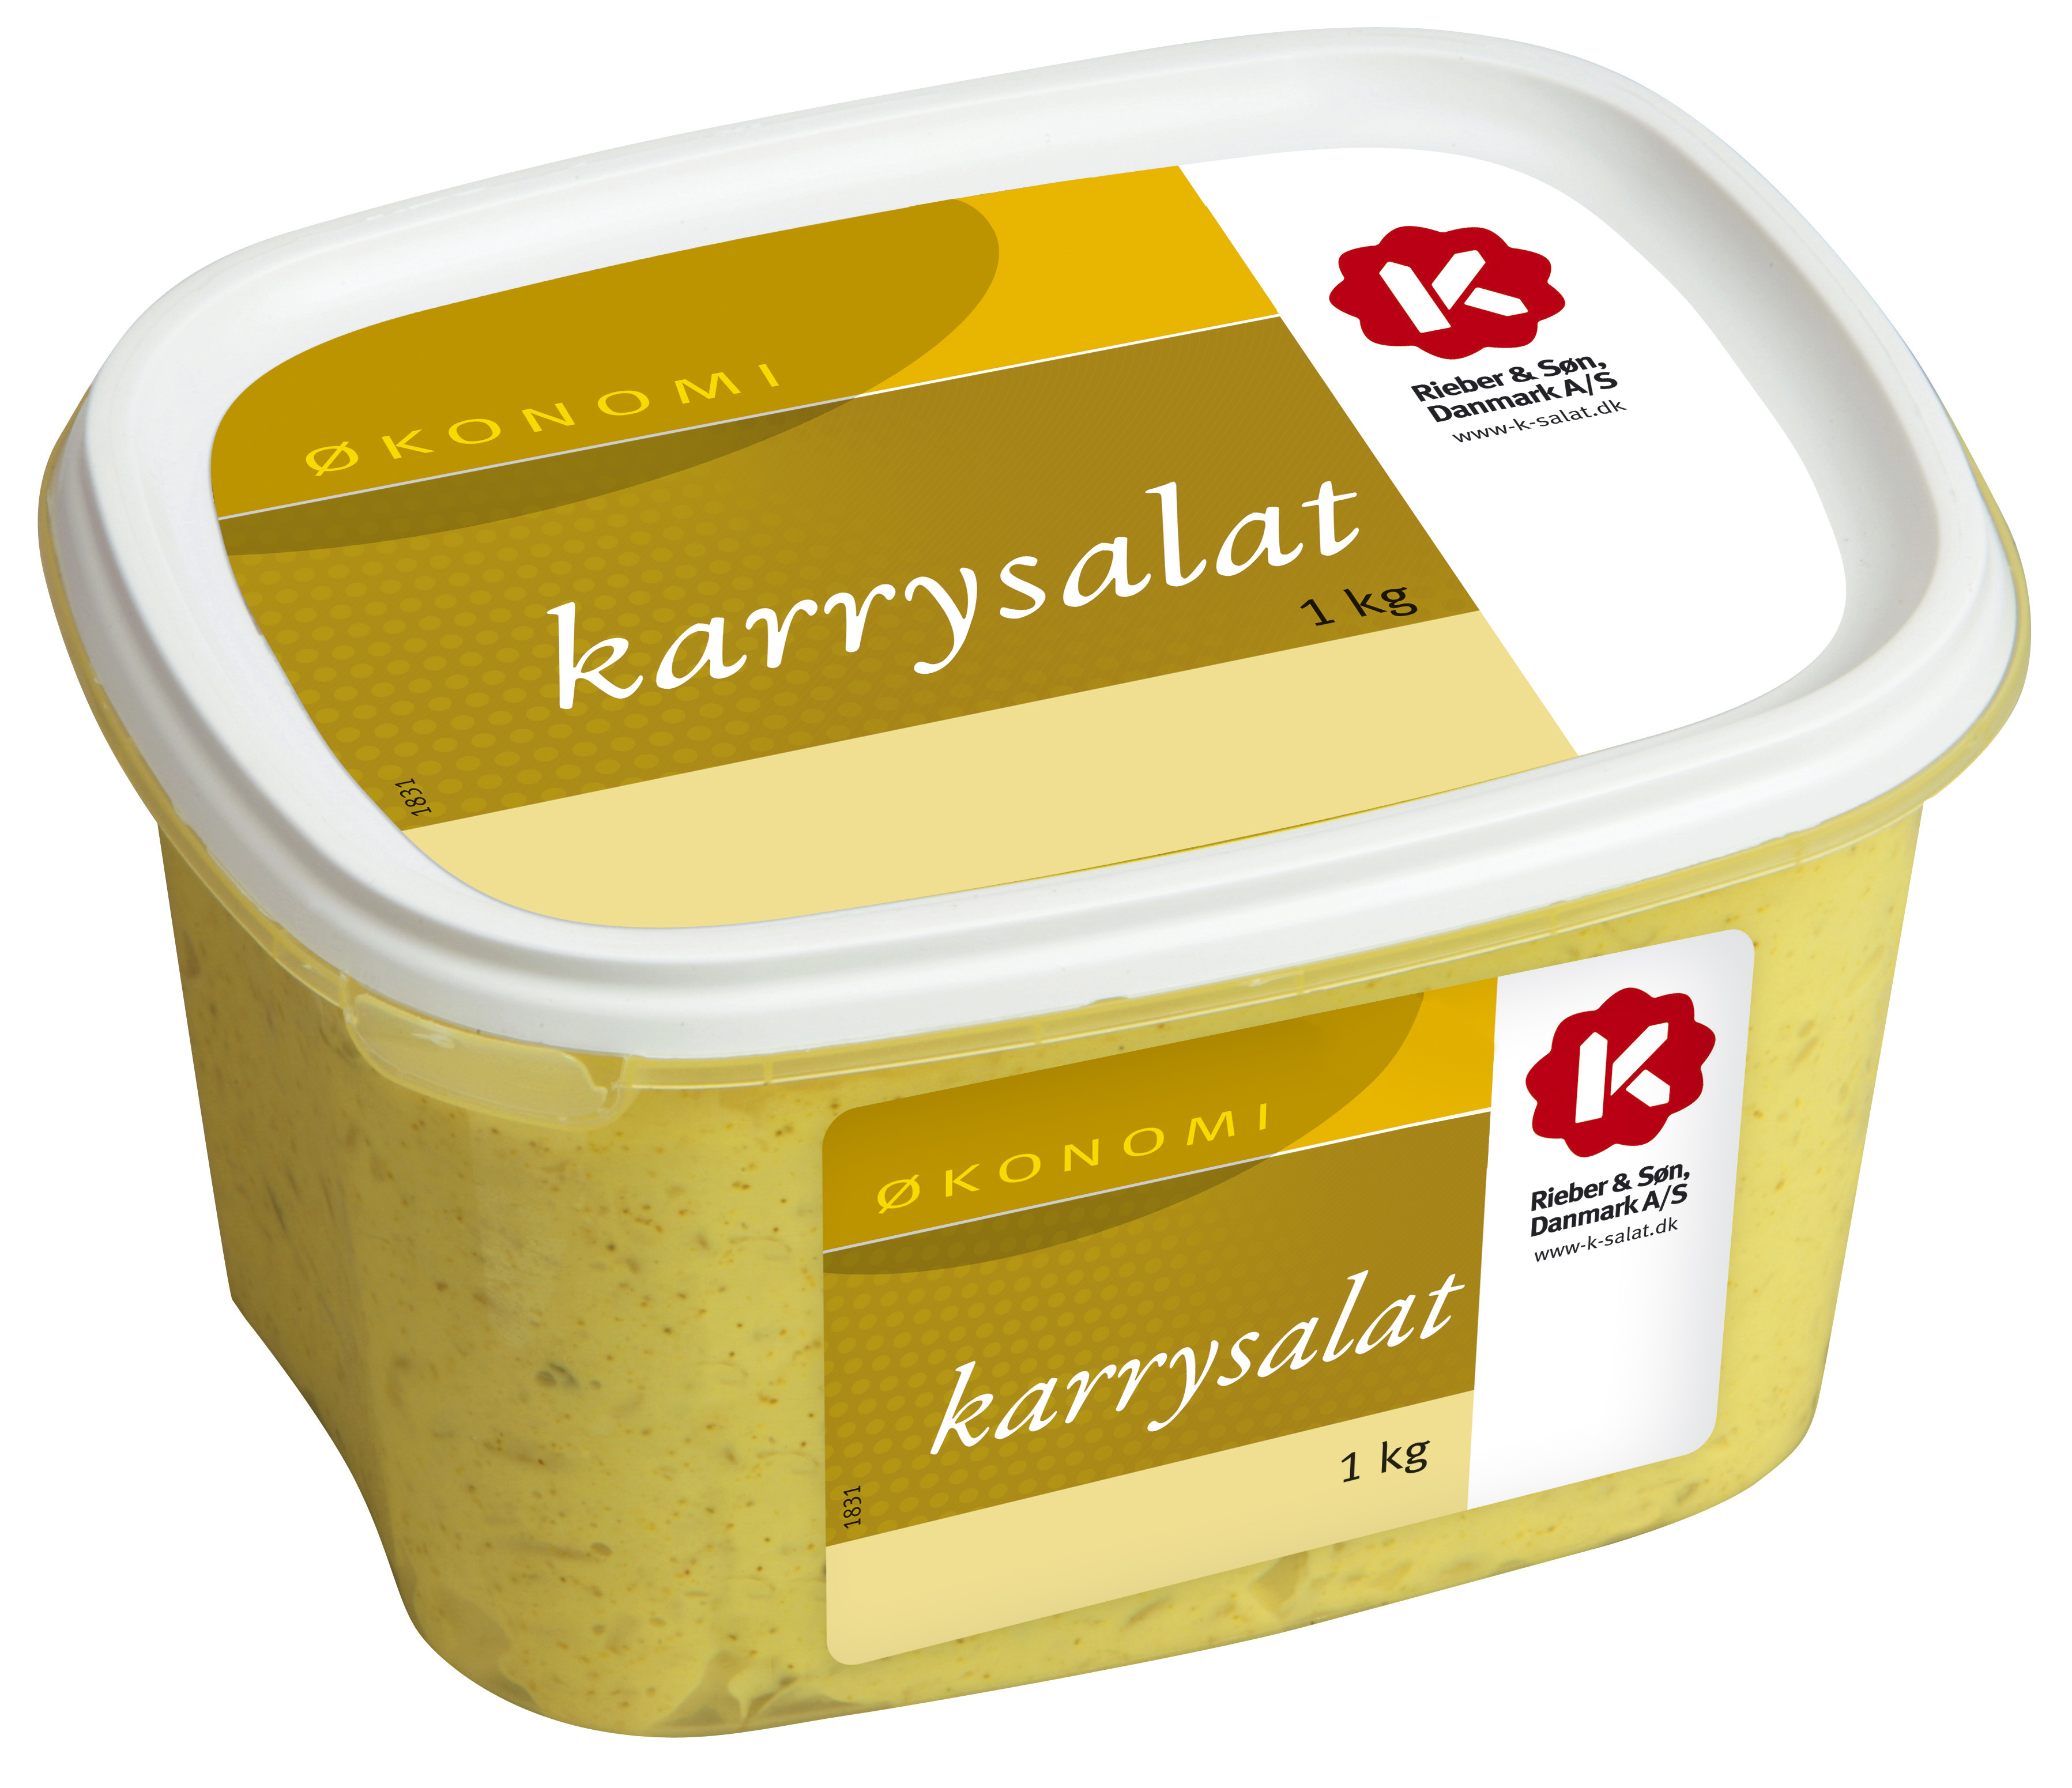 K-Salat Karrysalat 1 kg